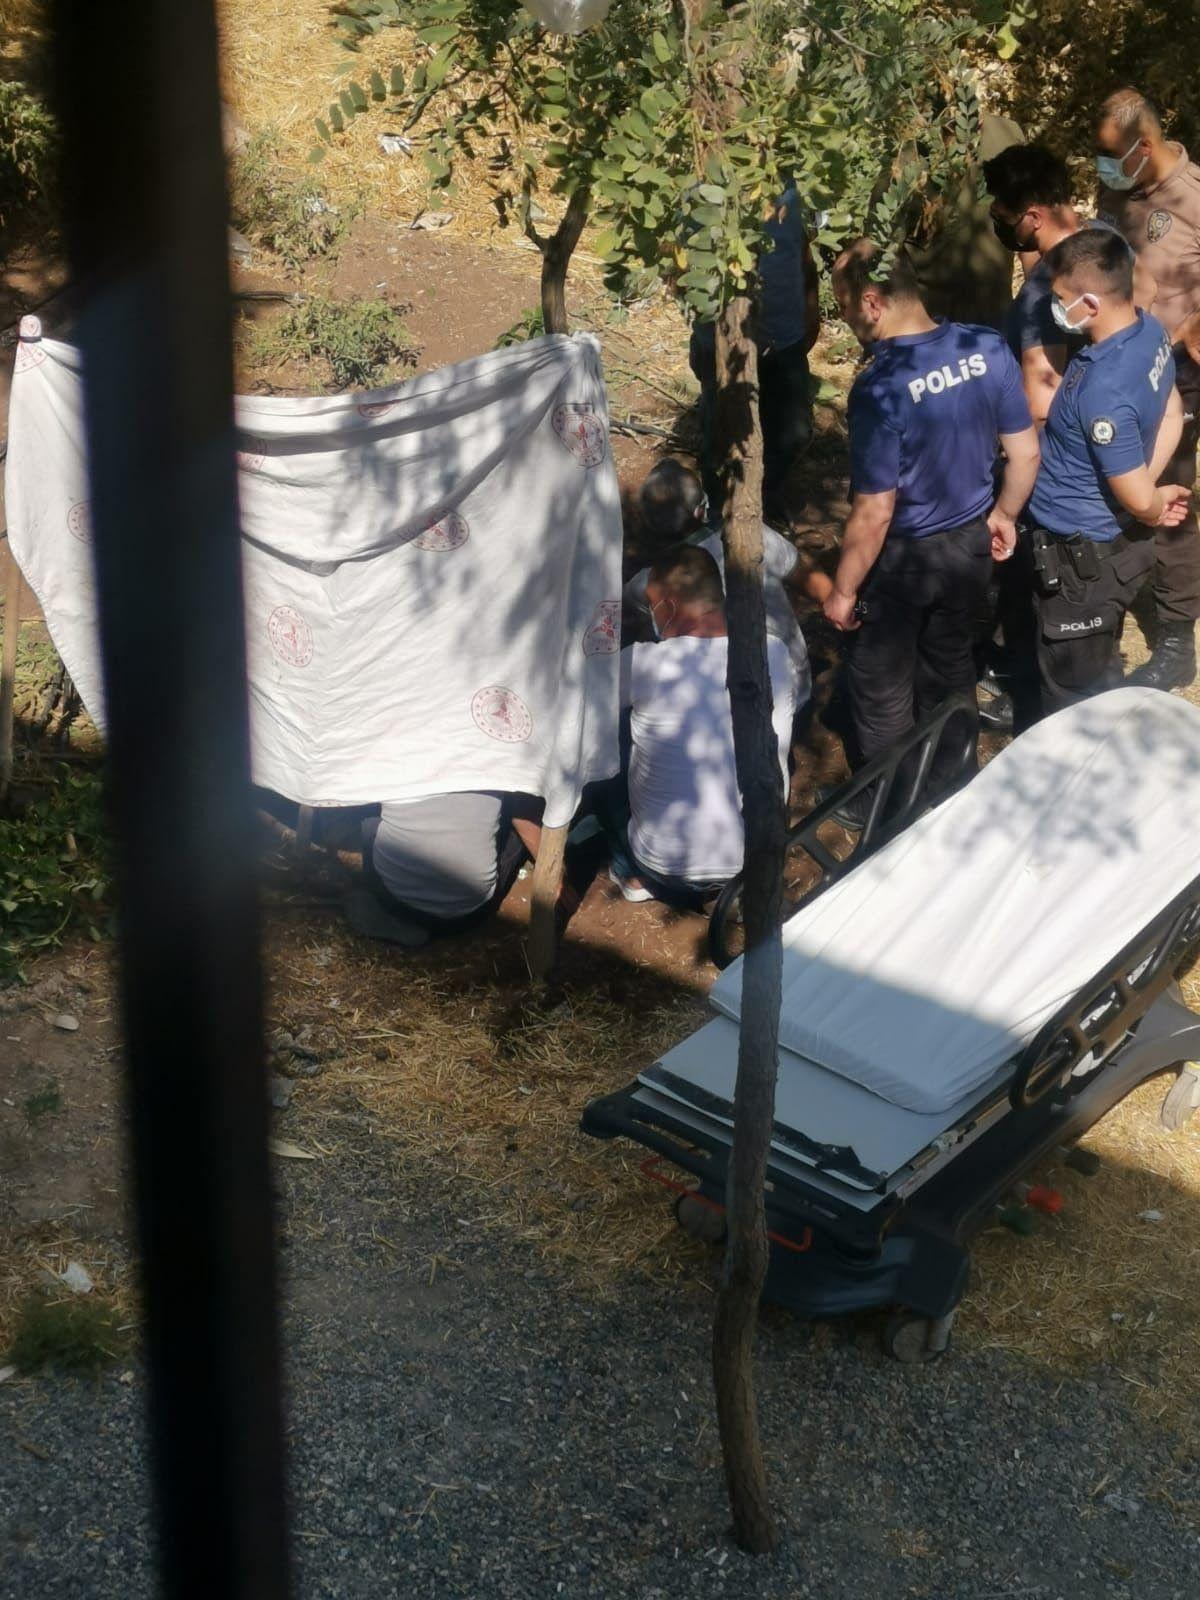 Diyarbakır da akıma kapılan hastayı, yakınları hastane bahçesine gömmek istedi #9